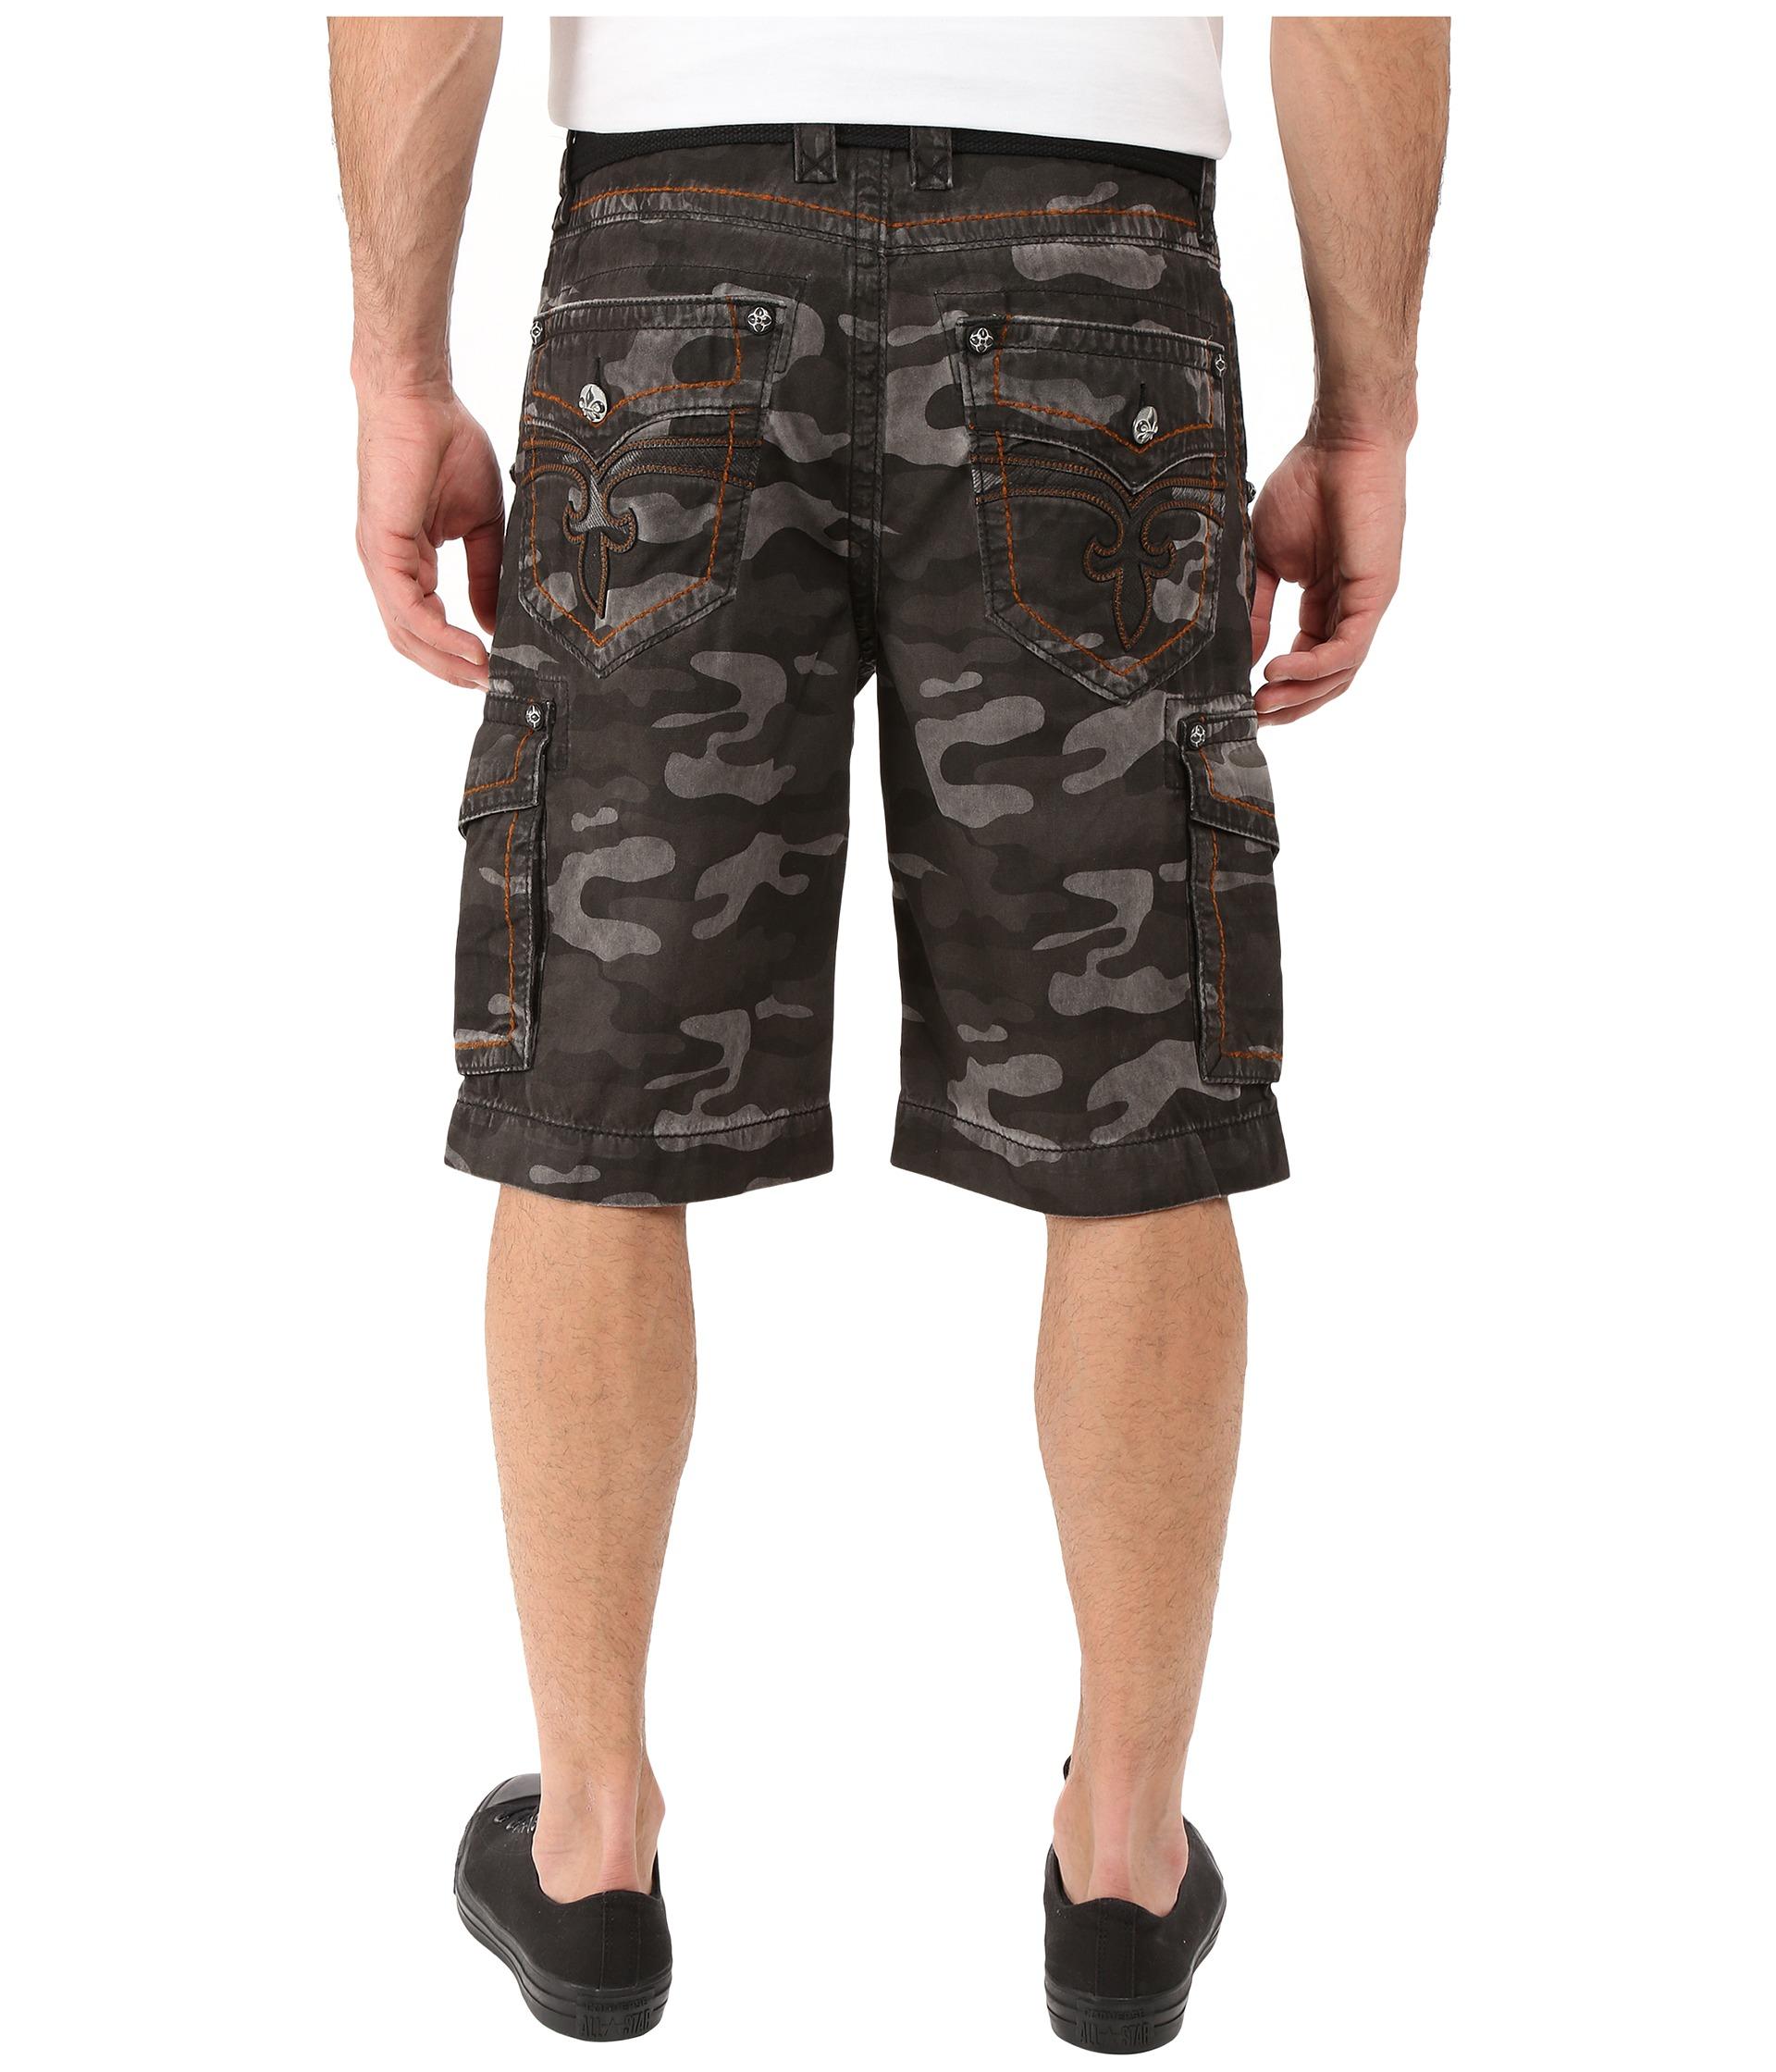 Rock Revival Cargo Shorts Camo Grey - Zappos.com Free Shipping BOTH Ways